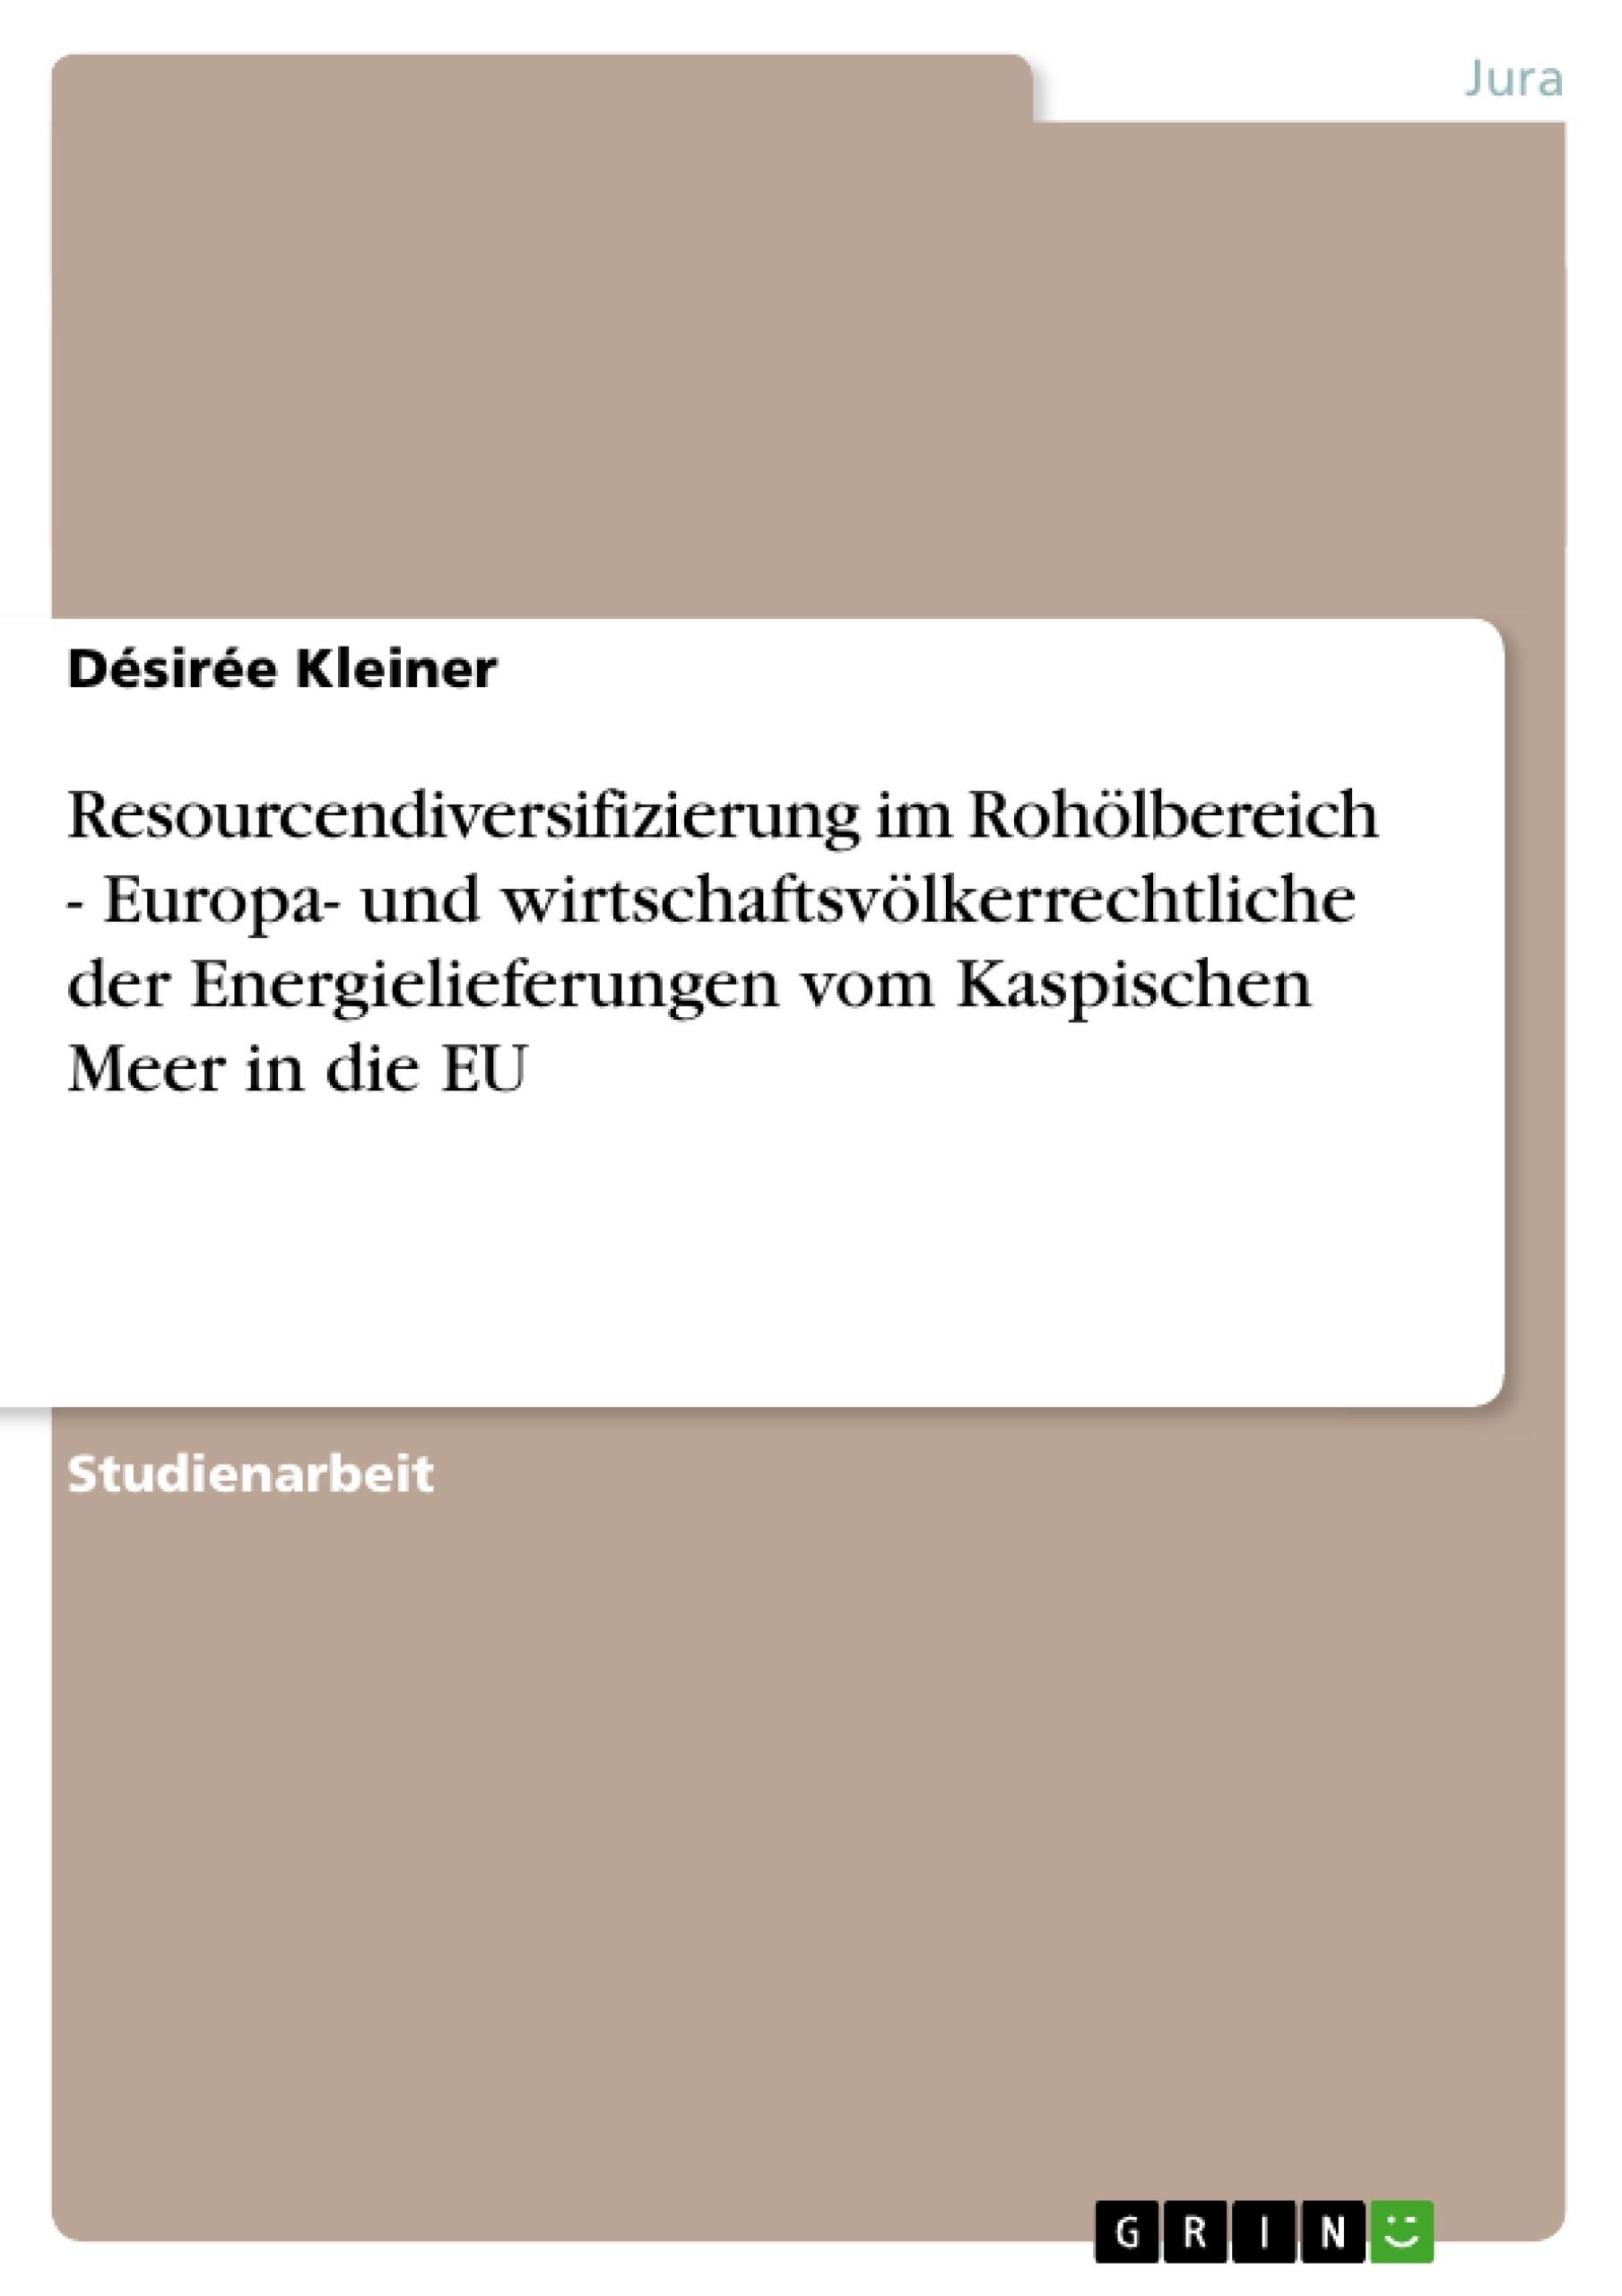 Titel: Resourcendiversifizierung im Rohölbereich - Europa- und wirtschaftsvölkerrechtliche der Energielieferungen vom Kaspischen Meer in die EU